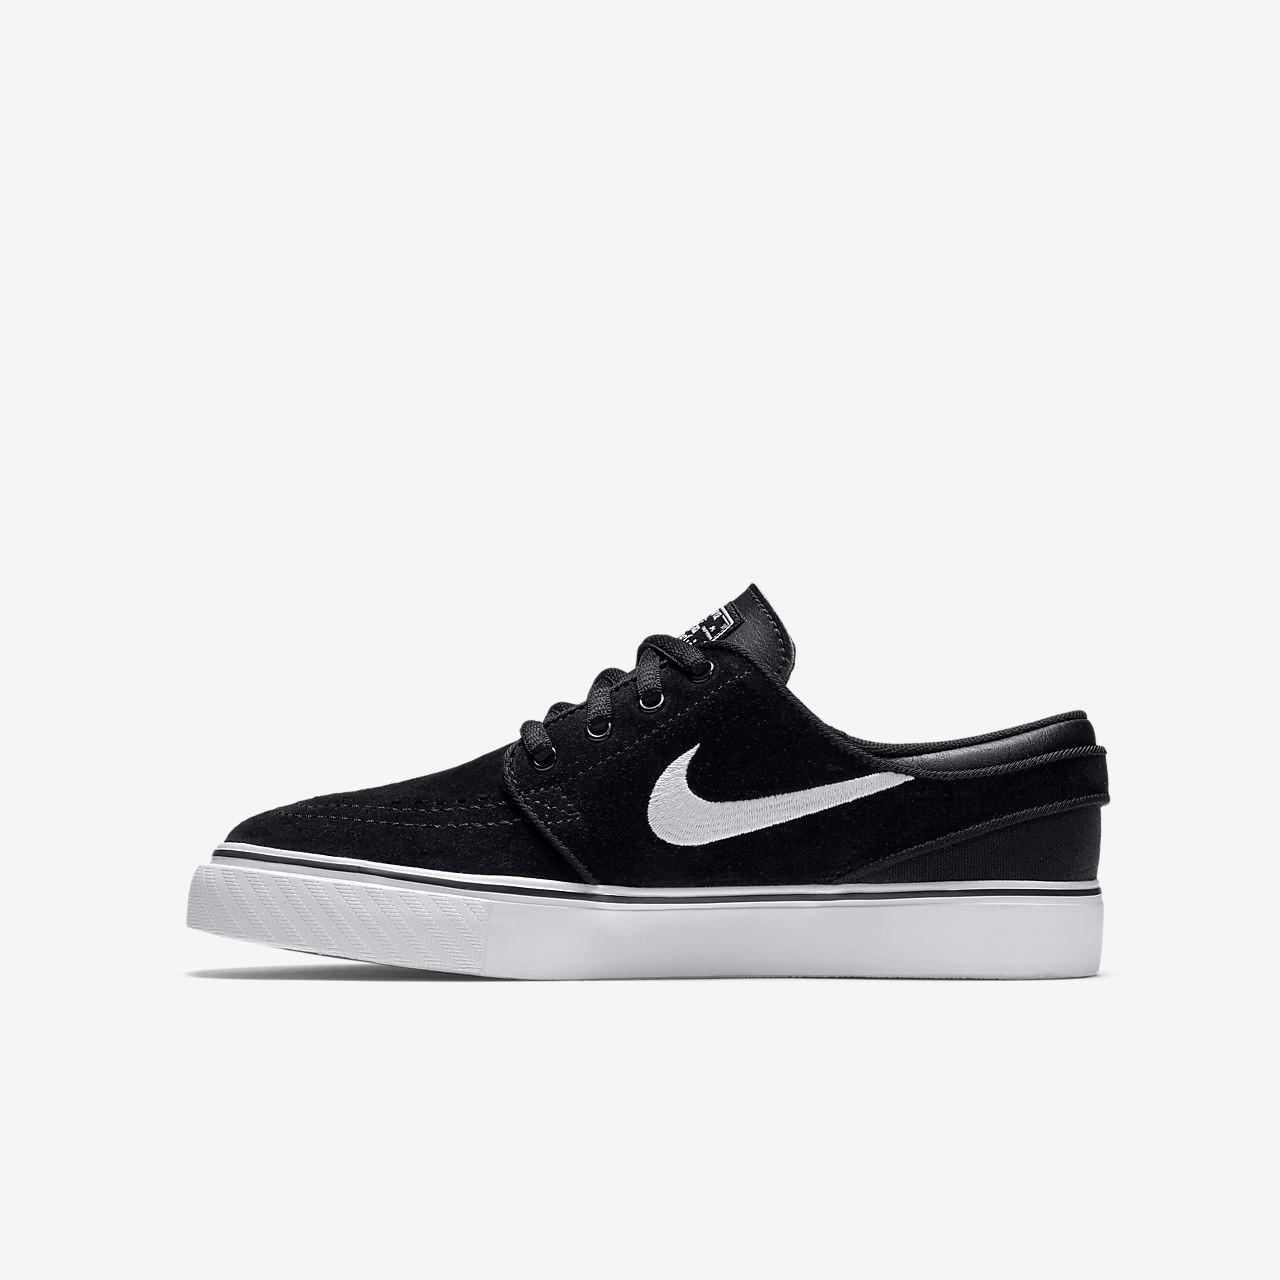 meet 07354 07135 Nike SB Zoom Stefan Janoski Older Kids  Skateboarding Shoe - Black Gum  Medium Brown White. Price  £35.95. Image 1